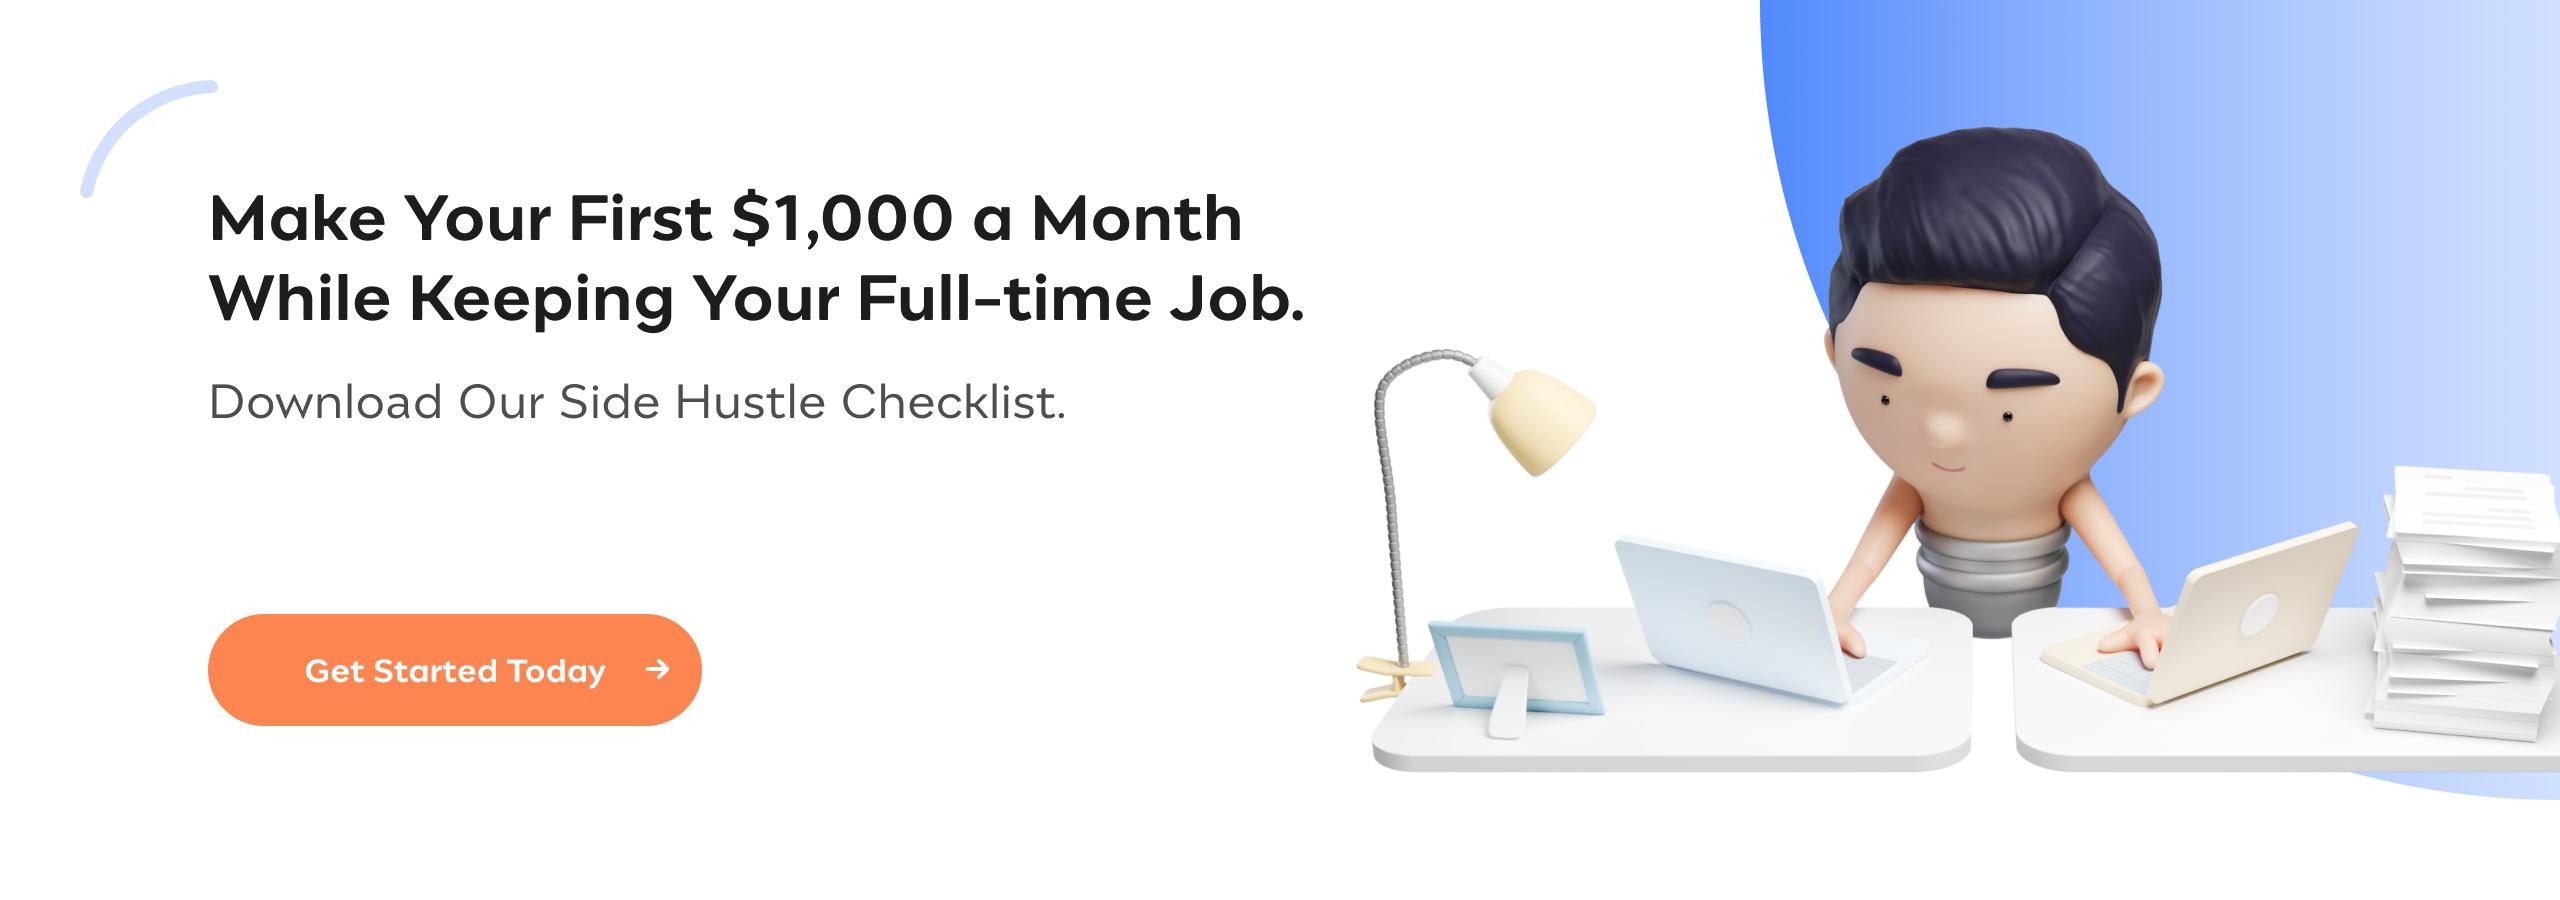 Incfile | Side Hustle Checklist